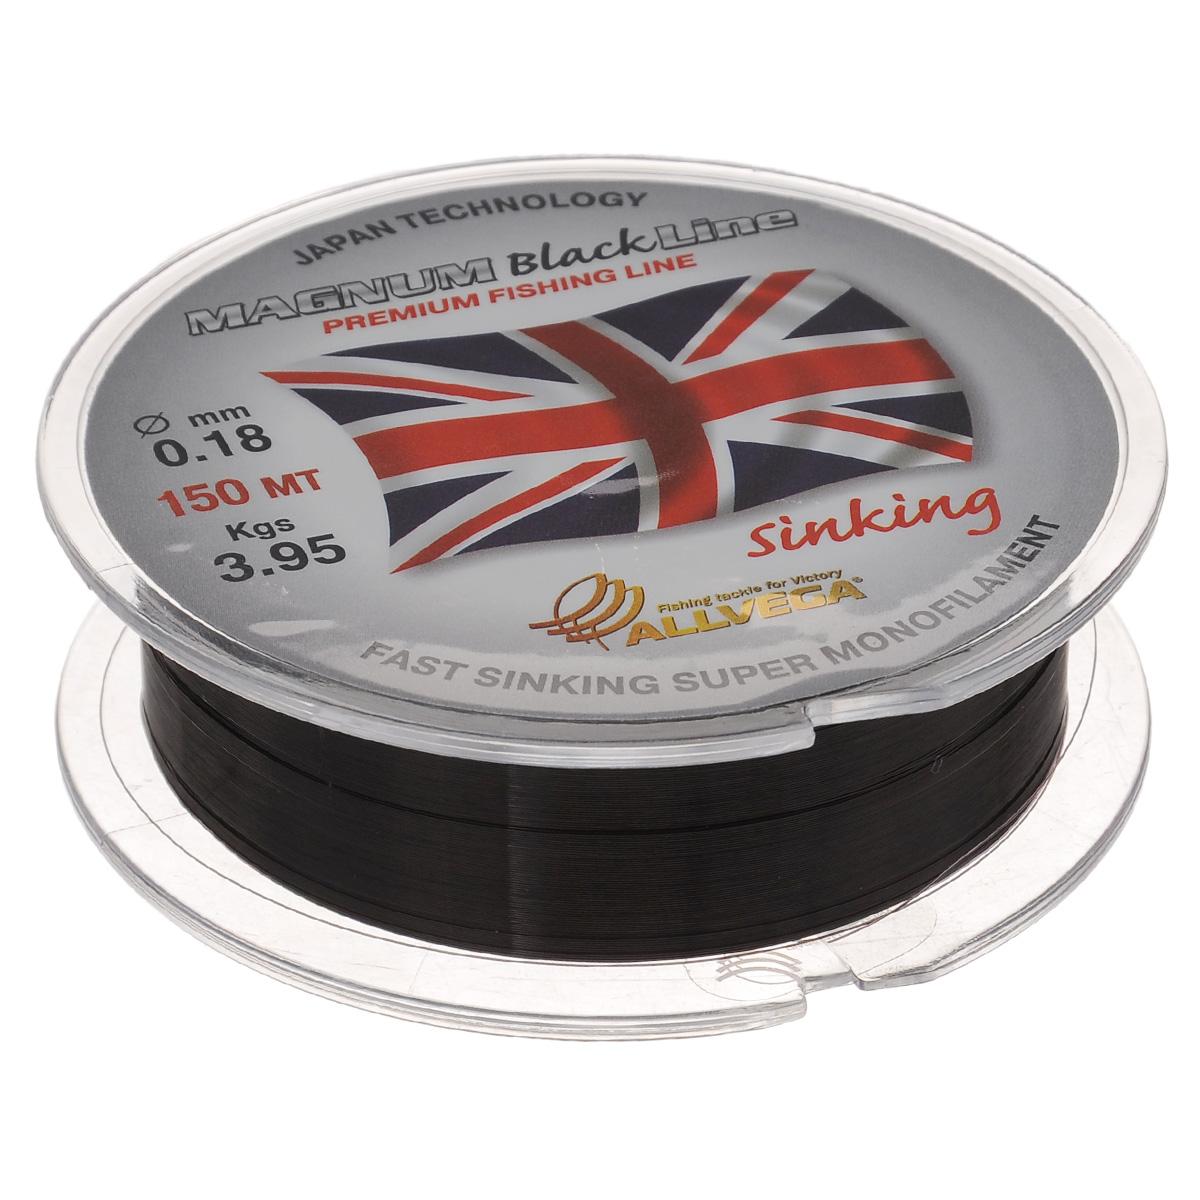 Леска Allvega Magnum Black, цвет: черный, 150 м, 0,18 мм, 3,95 кг39927Специальная тонущая леска Allvega Magnum Black. Темный цвет, способность быстро тонуть, отсутствие механической памяти, жесткость, устойчивость к частым перезабросам и внешним механическим воздействиям, делают эту леску незаменимой для поплавочной ловли дальним забросом. Однако, ее физические свойства позволяют с успехом ловить не только на поплавочную снасть, но и на фидер, донки всех видов, а так же использовать ее при подледной ловле в зимней поплавочной удочке.